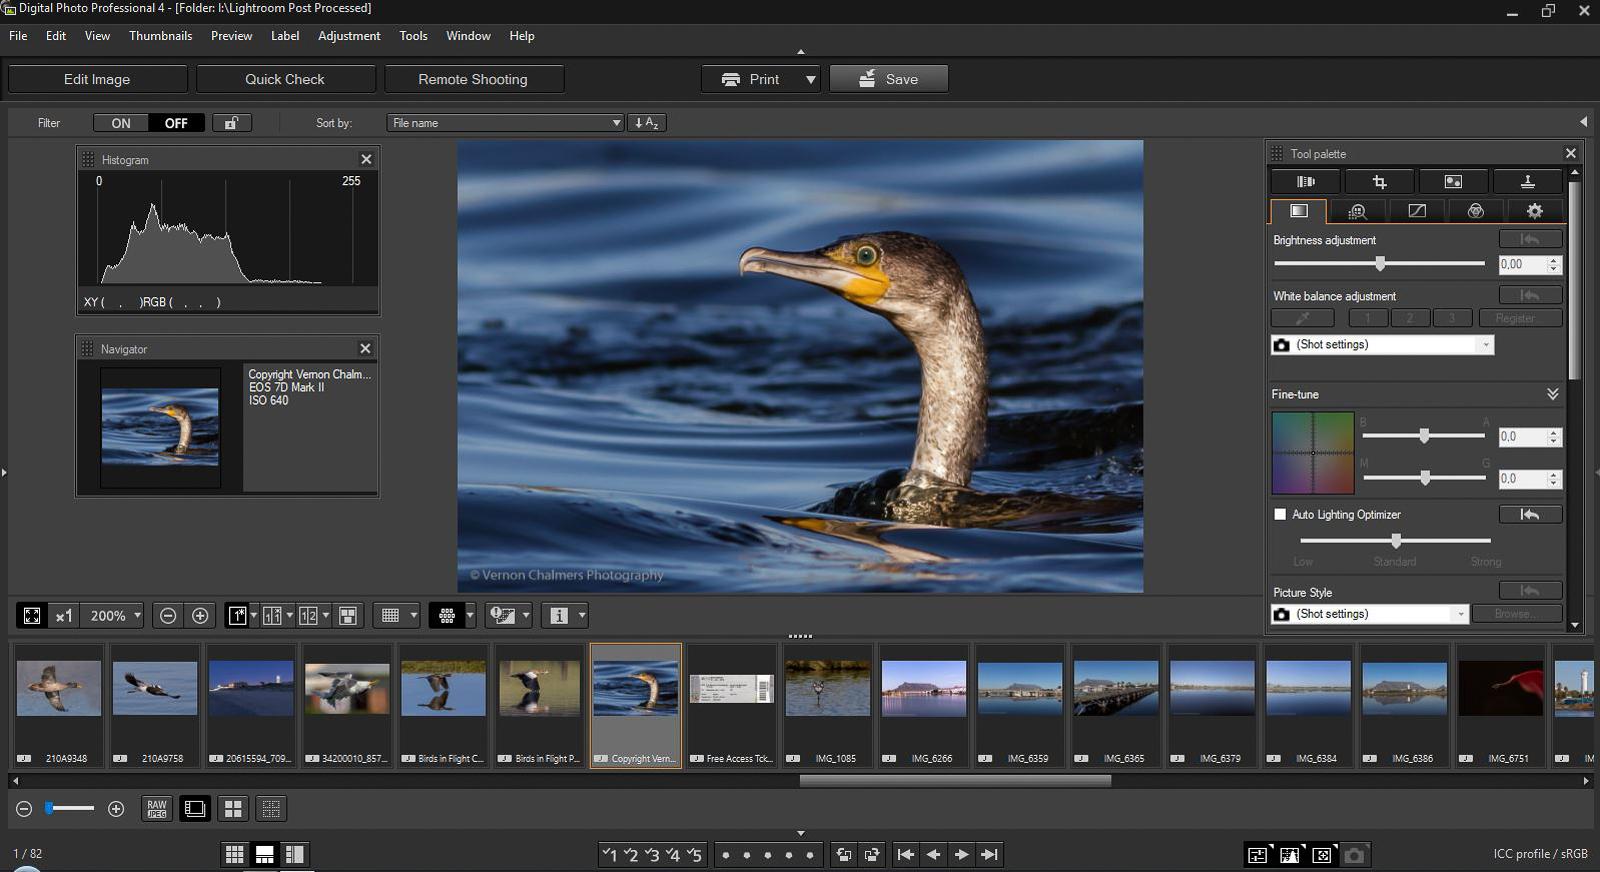 Canon dpp download windows 10 | Canon Digital Photo